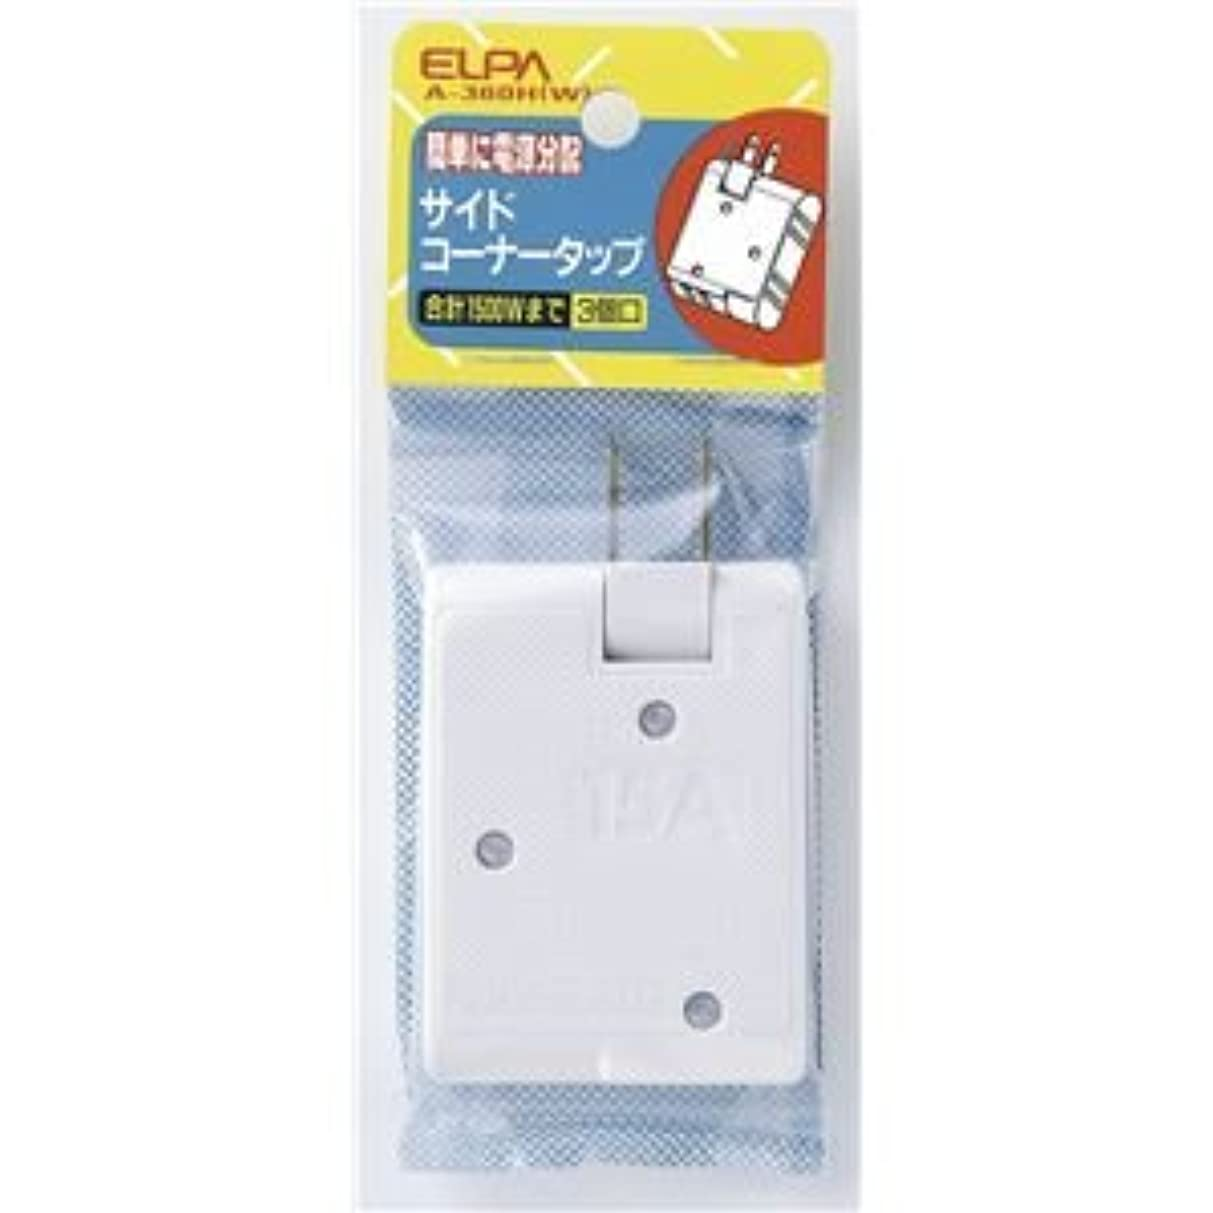 オーケストラパンサー作動する(業務用セット) ELPA サイドコーナータップ 3個口 ホワイト A-360H(W) 【×30セット】